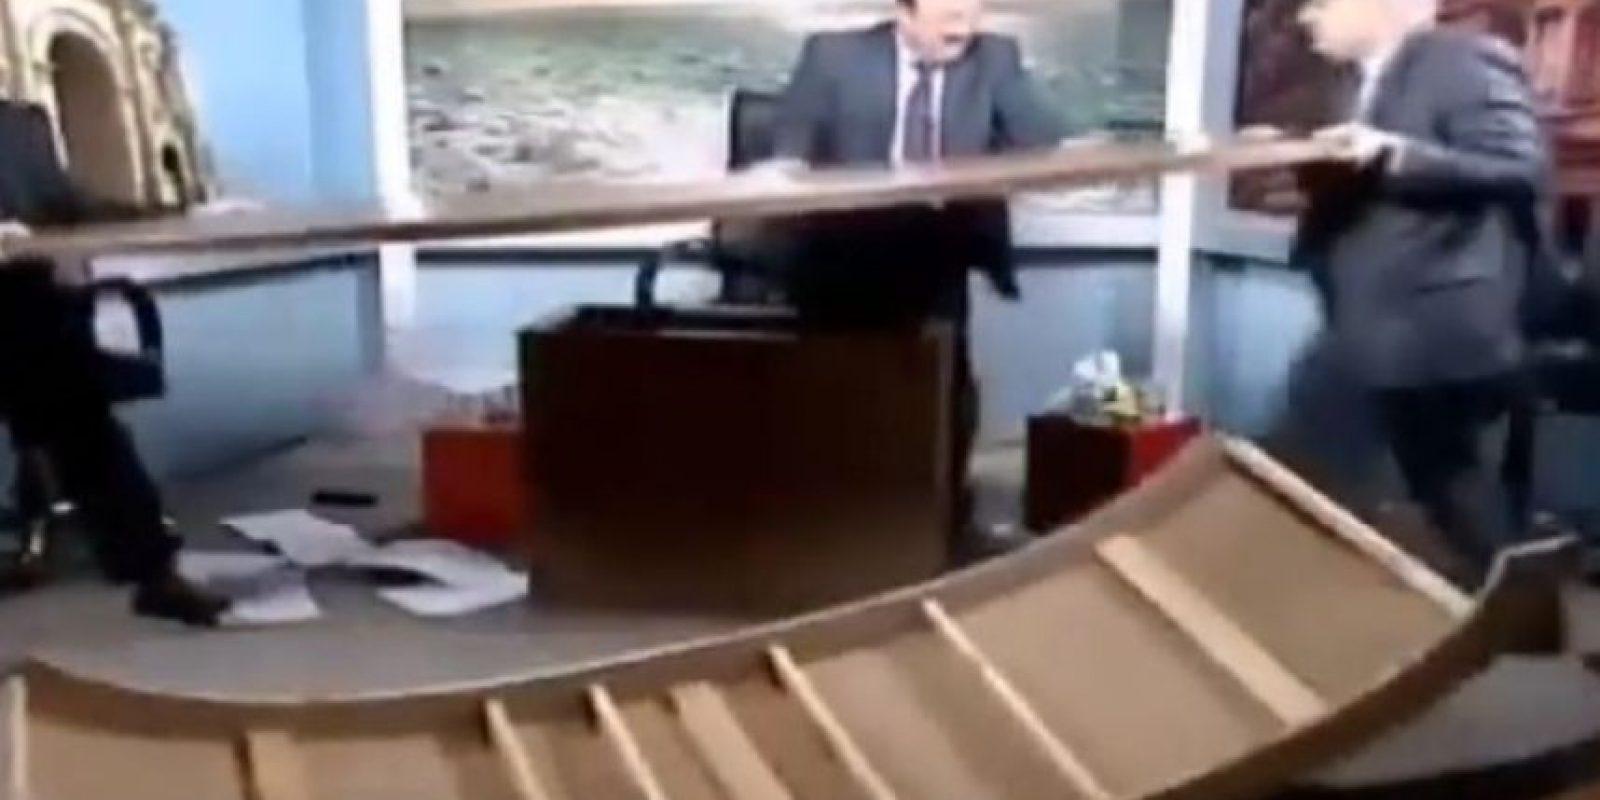 En mayo de 2014, periodistas destruyeron un set de televisión. El pleito se llevó a cabo durante un debate sobre la libertad de prensa en la cadena televisiva Al-Arabiya. Foto:vía Toutube.com